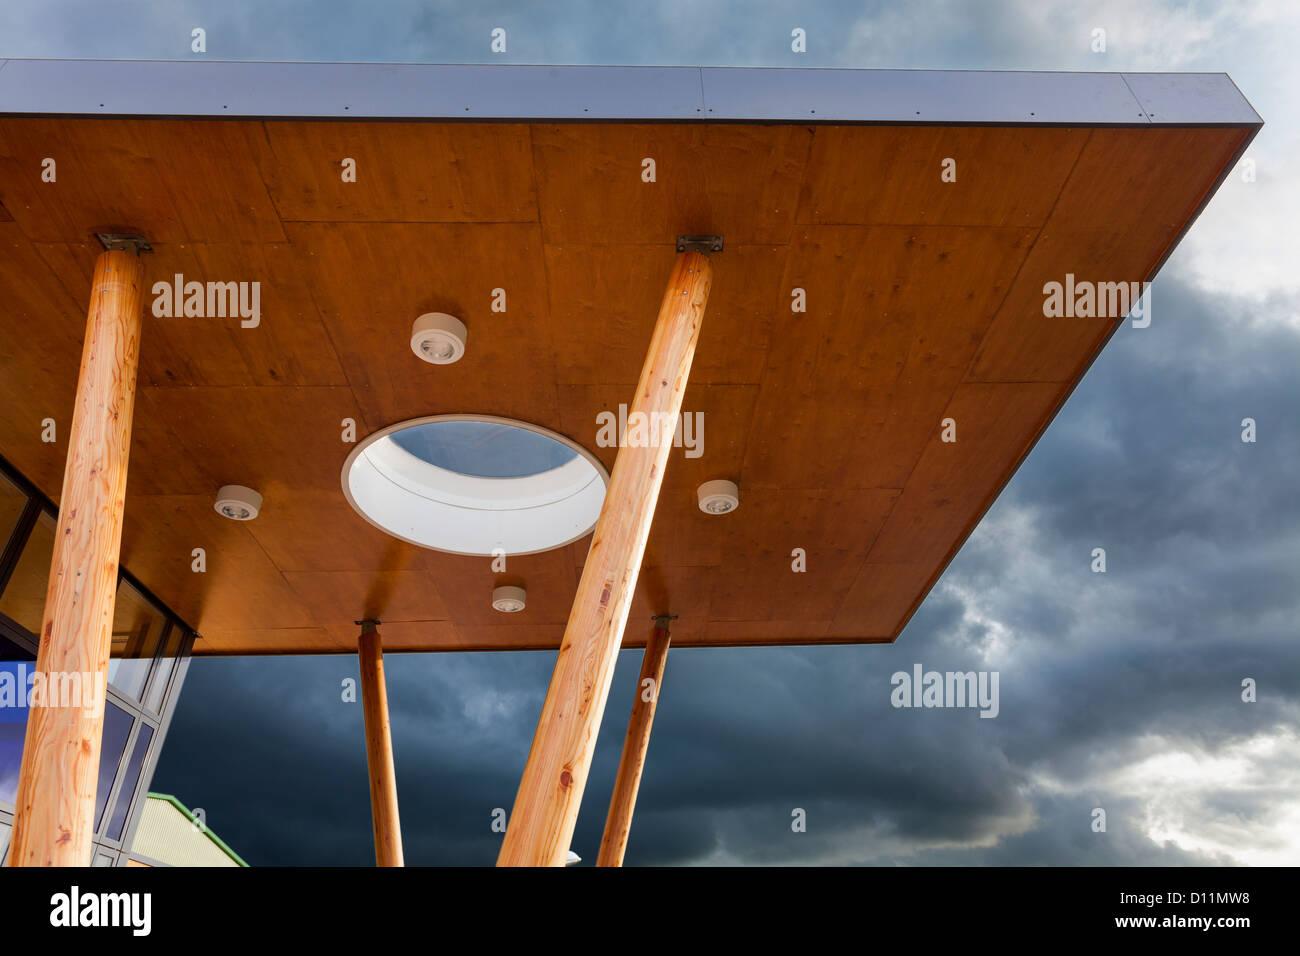 L'architecture moderne avec des piliers de bois contre le ciel. Photo Stock